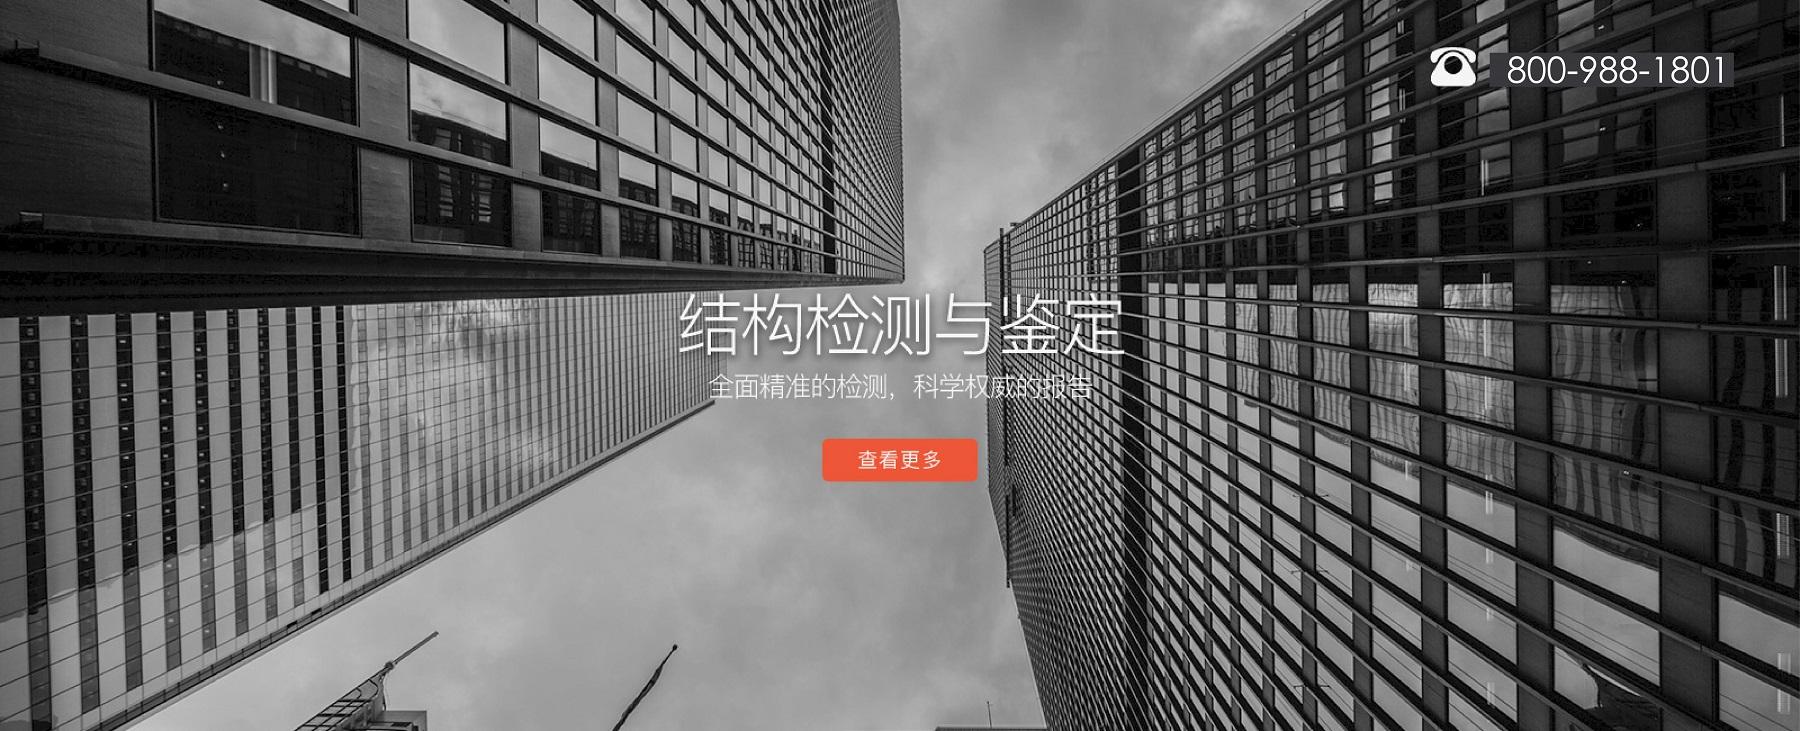 房屋检测|抗震检测|房屋鉴定|厂房检测|上海明升体育m88